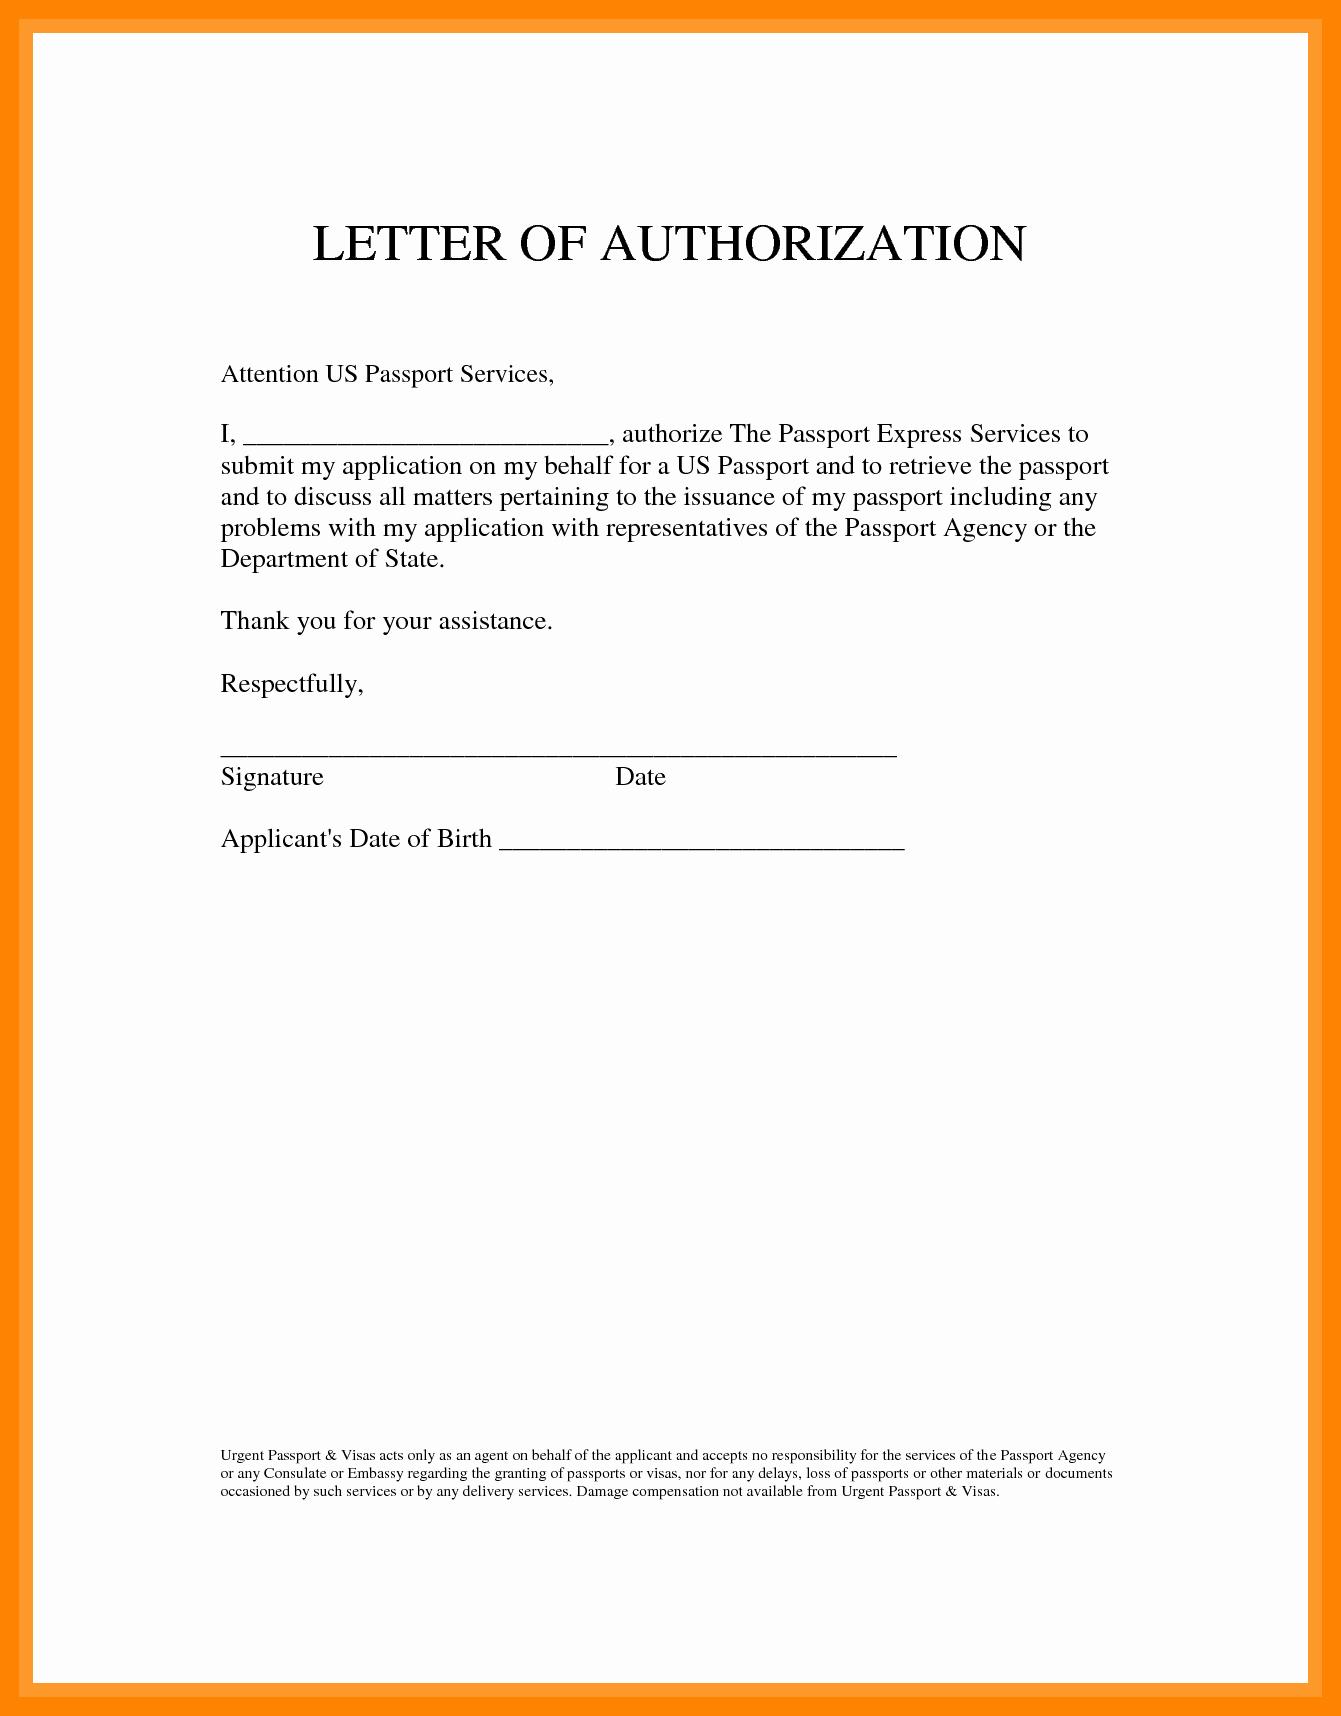 Sample Letter Of Reimbursement Money Inspirational 12 Authorization Letter Sample for Claiming Money